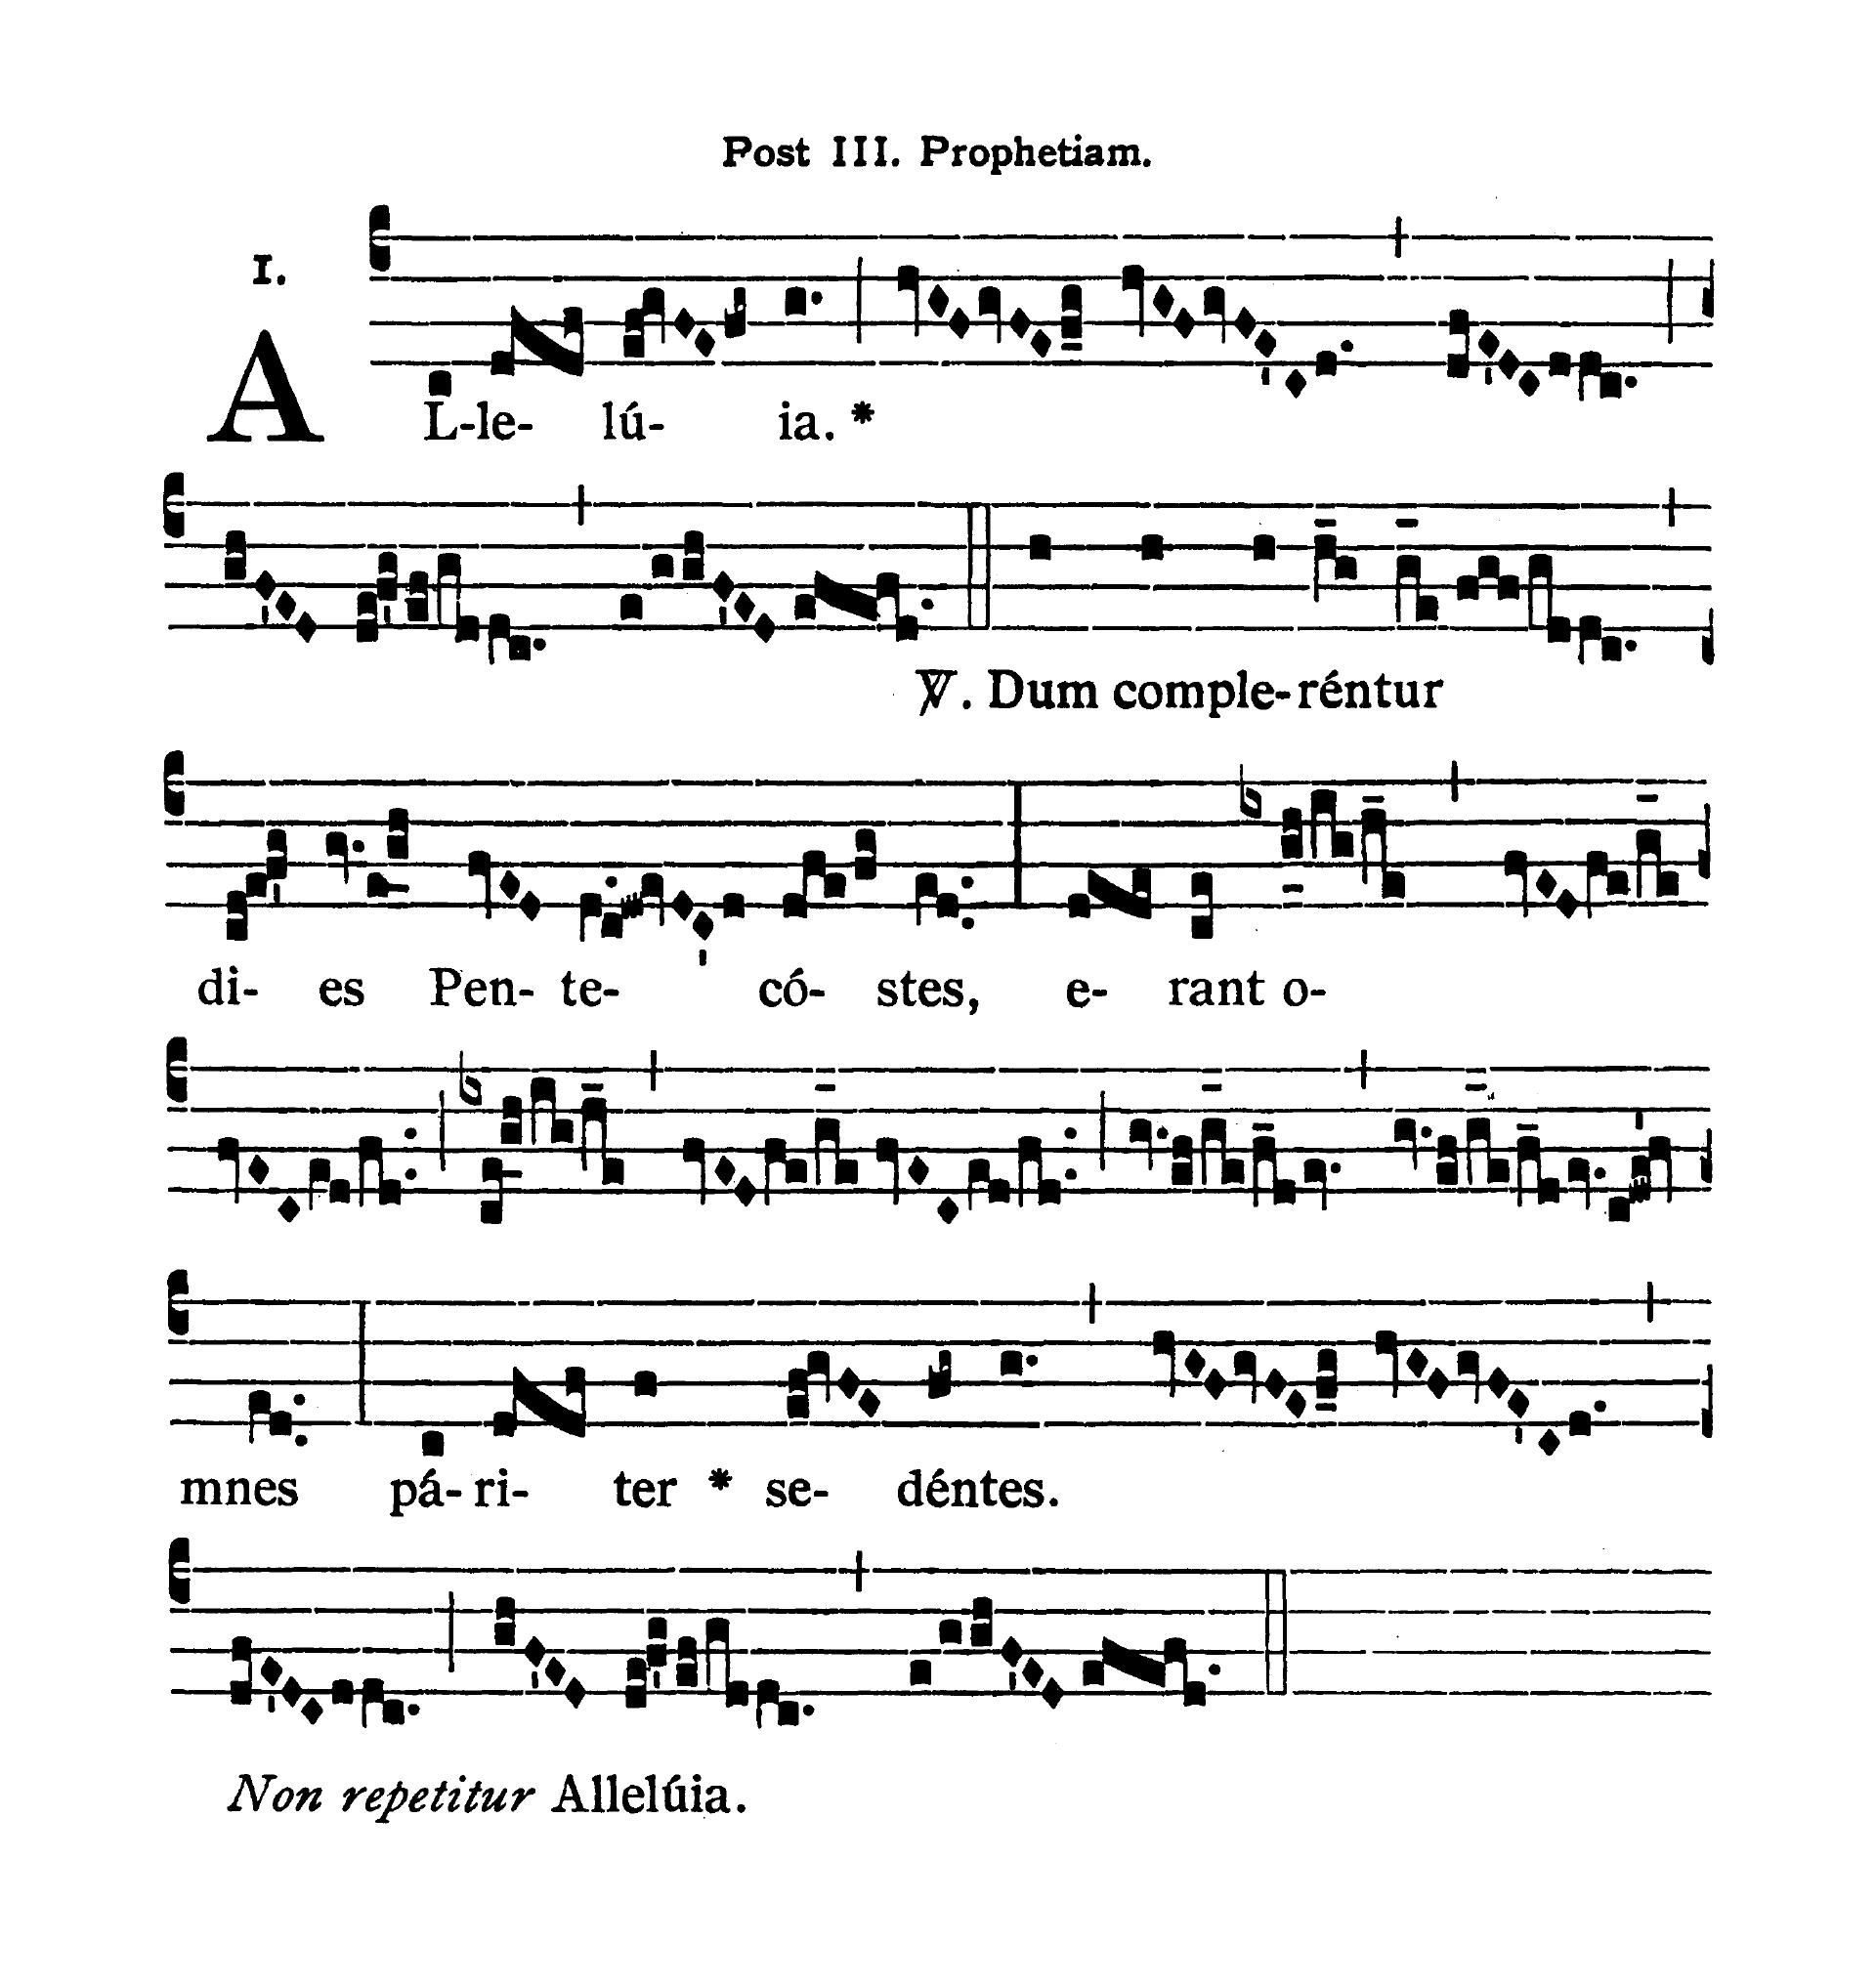 Sabbato infra Octavam Pentecostes (Sobota w oktawie Zesłania Ducha Świętego) - Alleluia tertia (Dum complerentur)